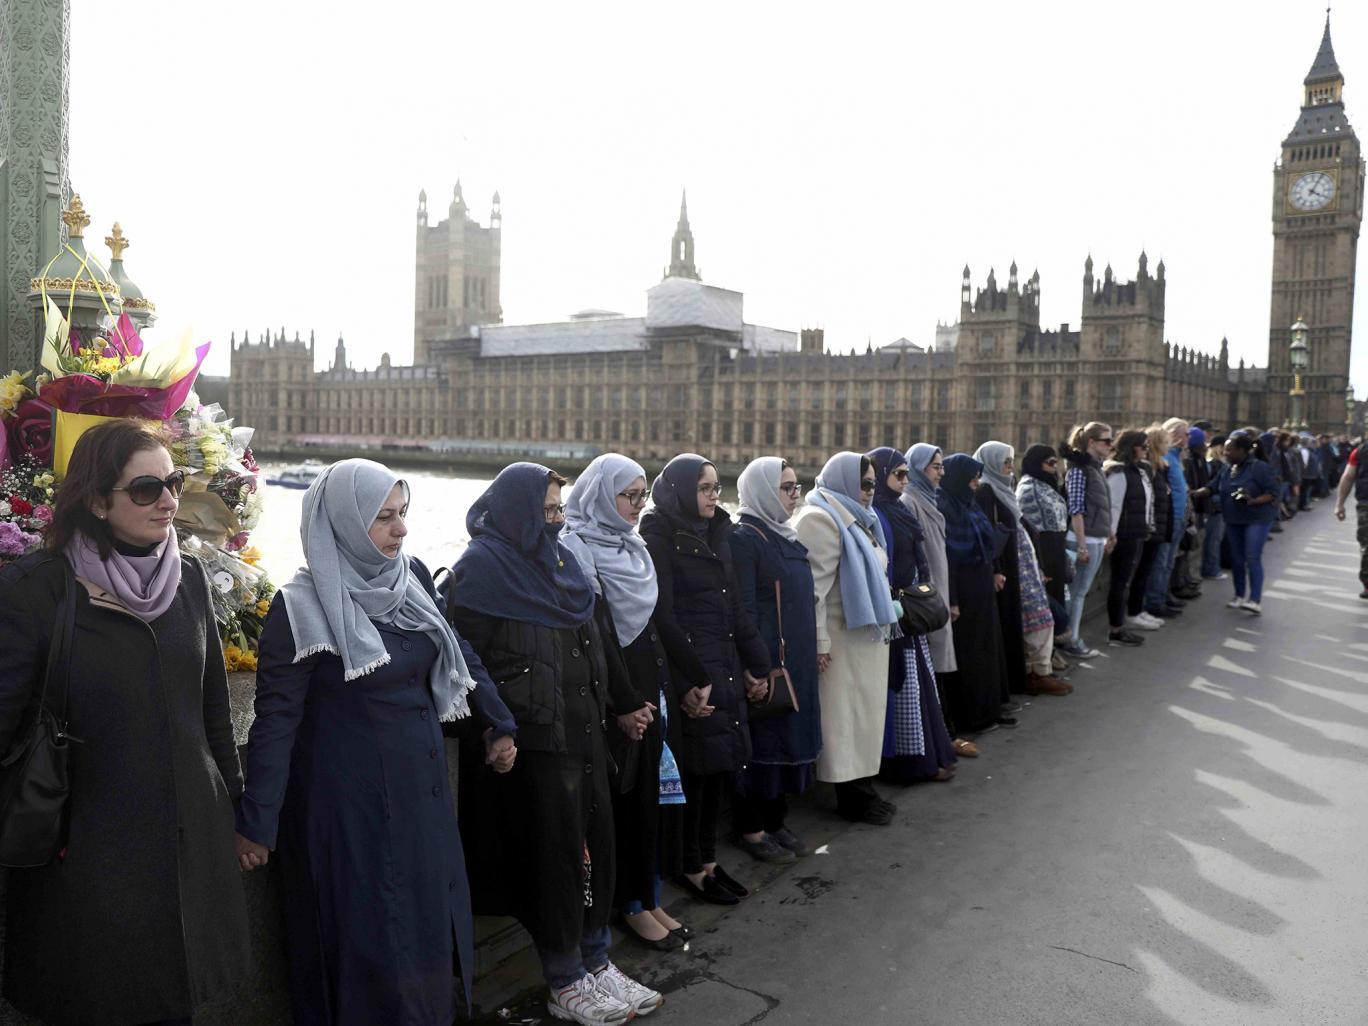 مسلمات يقفن على جسر وستمينستر تضامنا مع ضحايا الإرهاب فى لندن